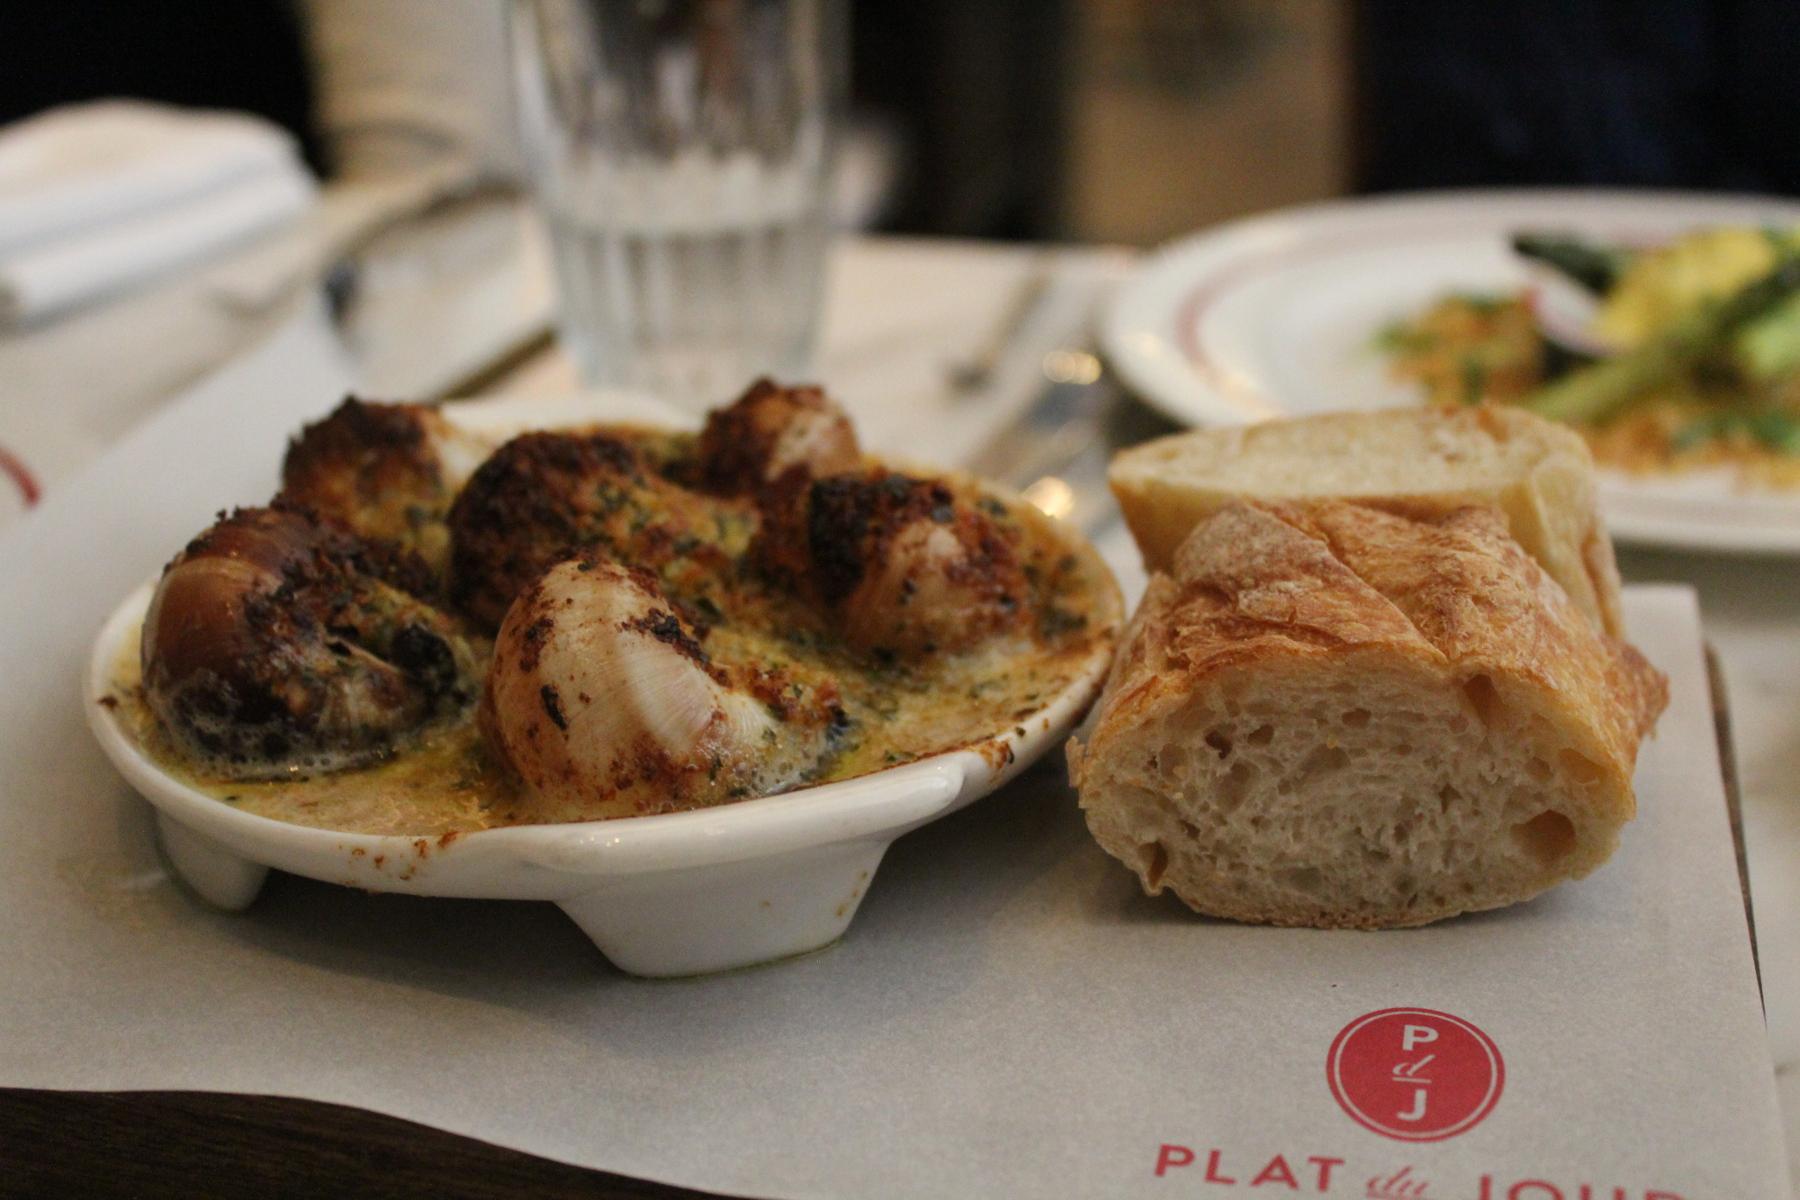 Image De Plat De Cuisine review: plat du jour | foodie